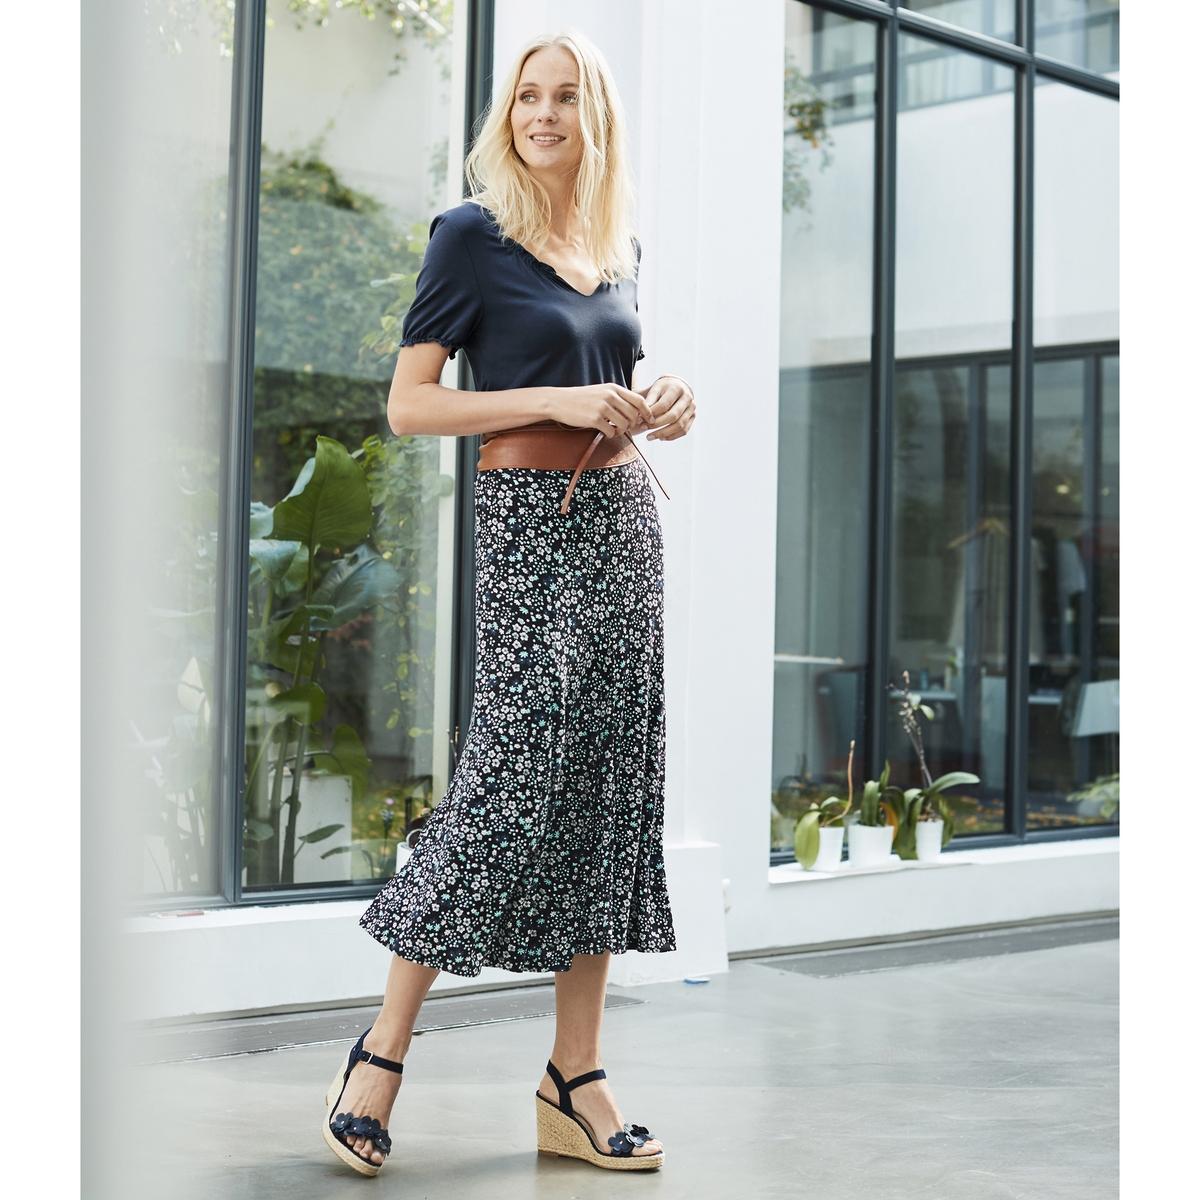 Imagen secundaria de producto de Camiseta fantasía, tejido vaporoso - Anne weyburn